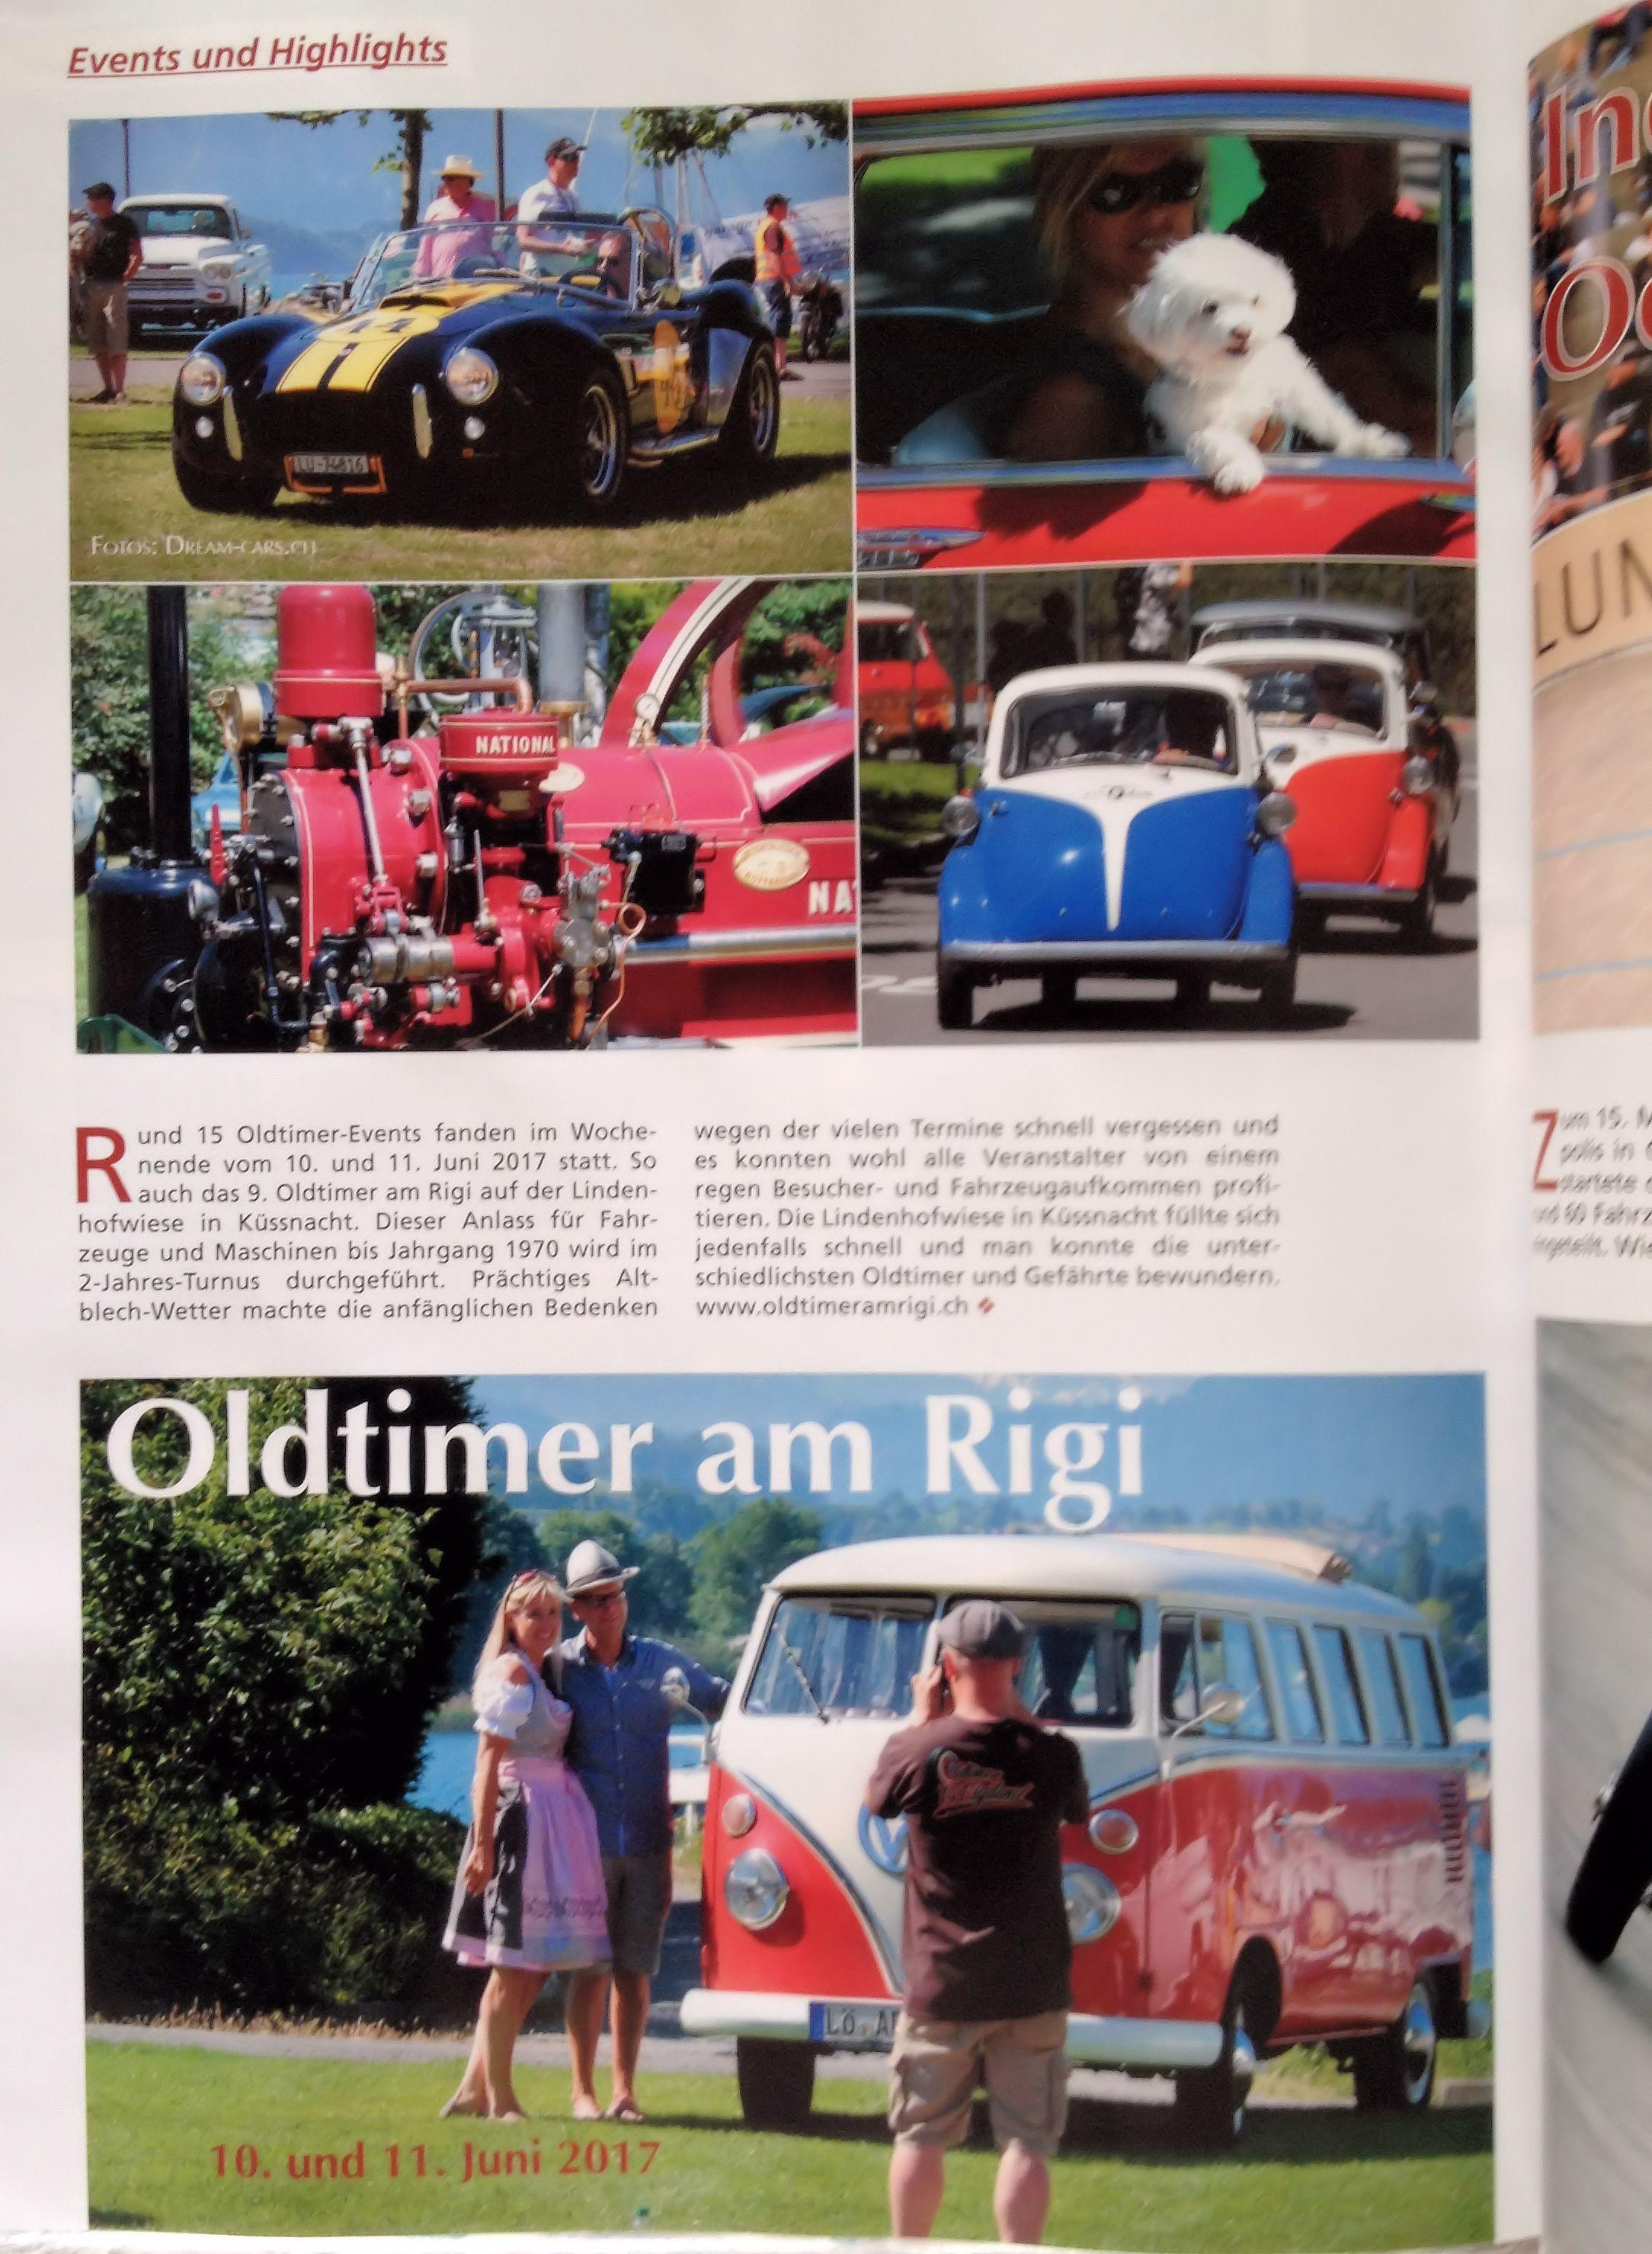 Oldtimer am Rigi 2017 in der Autozeit